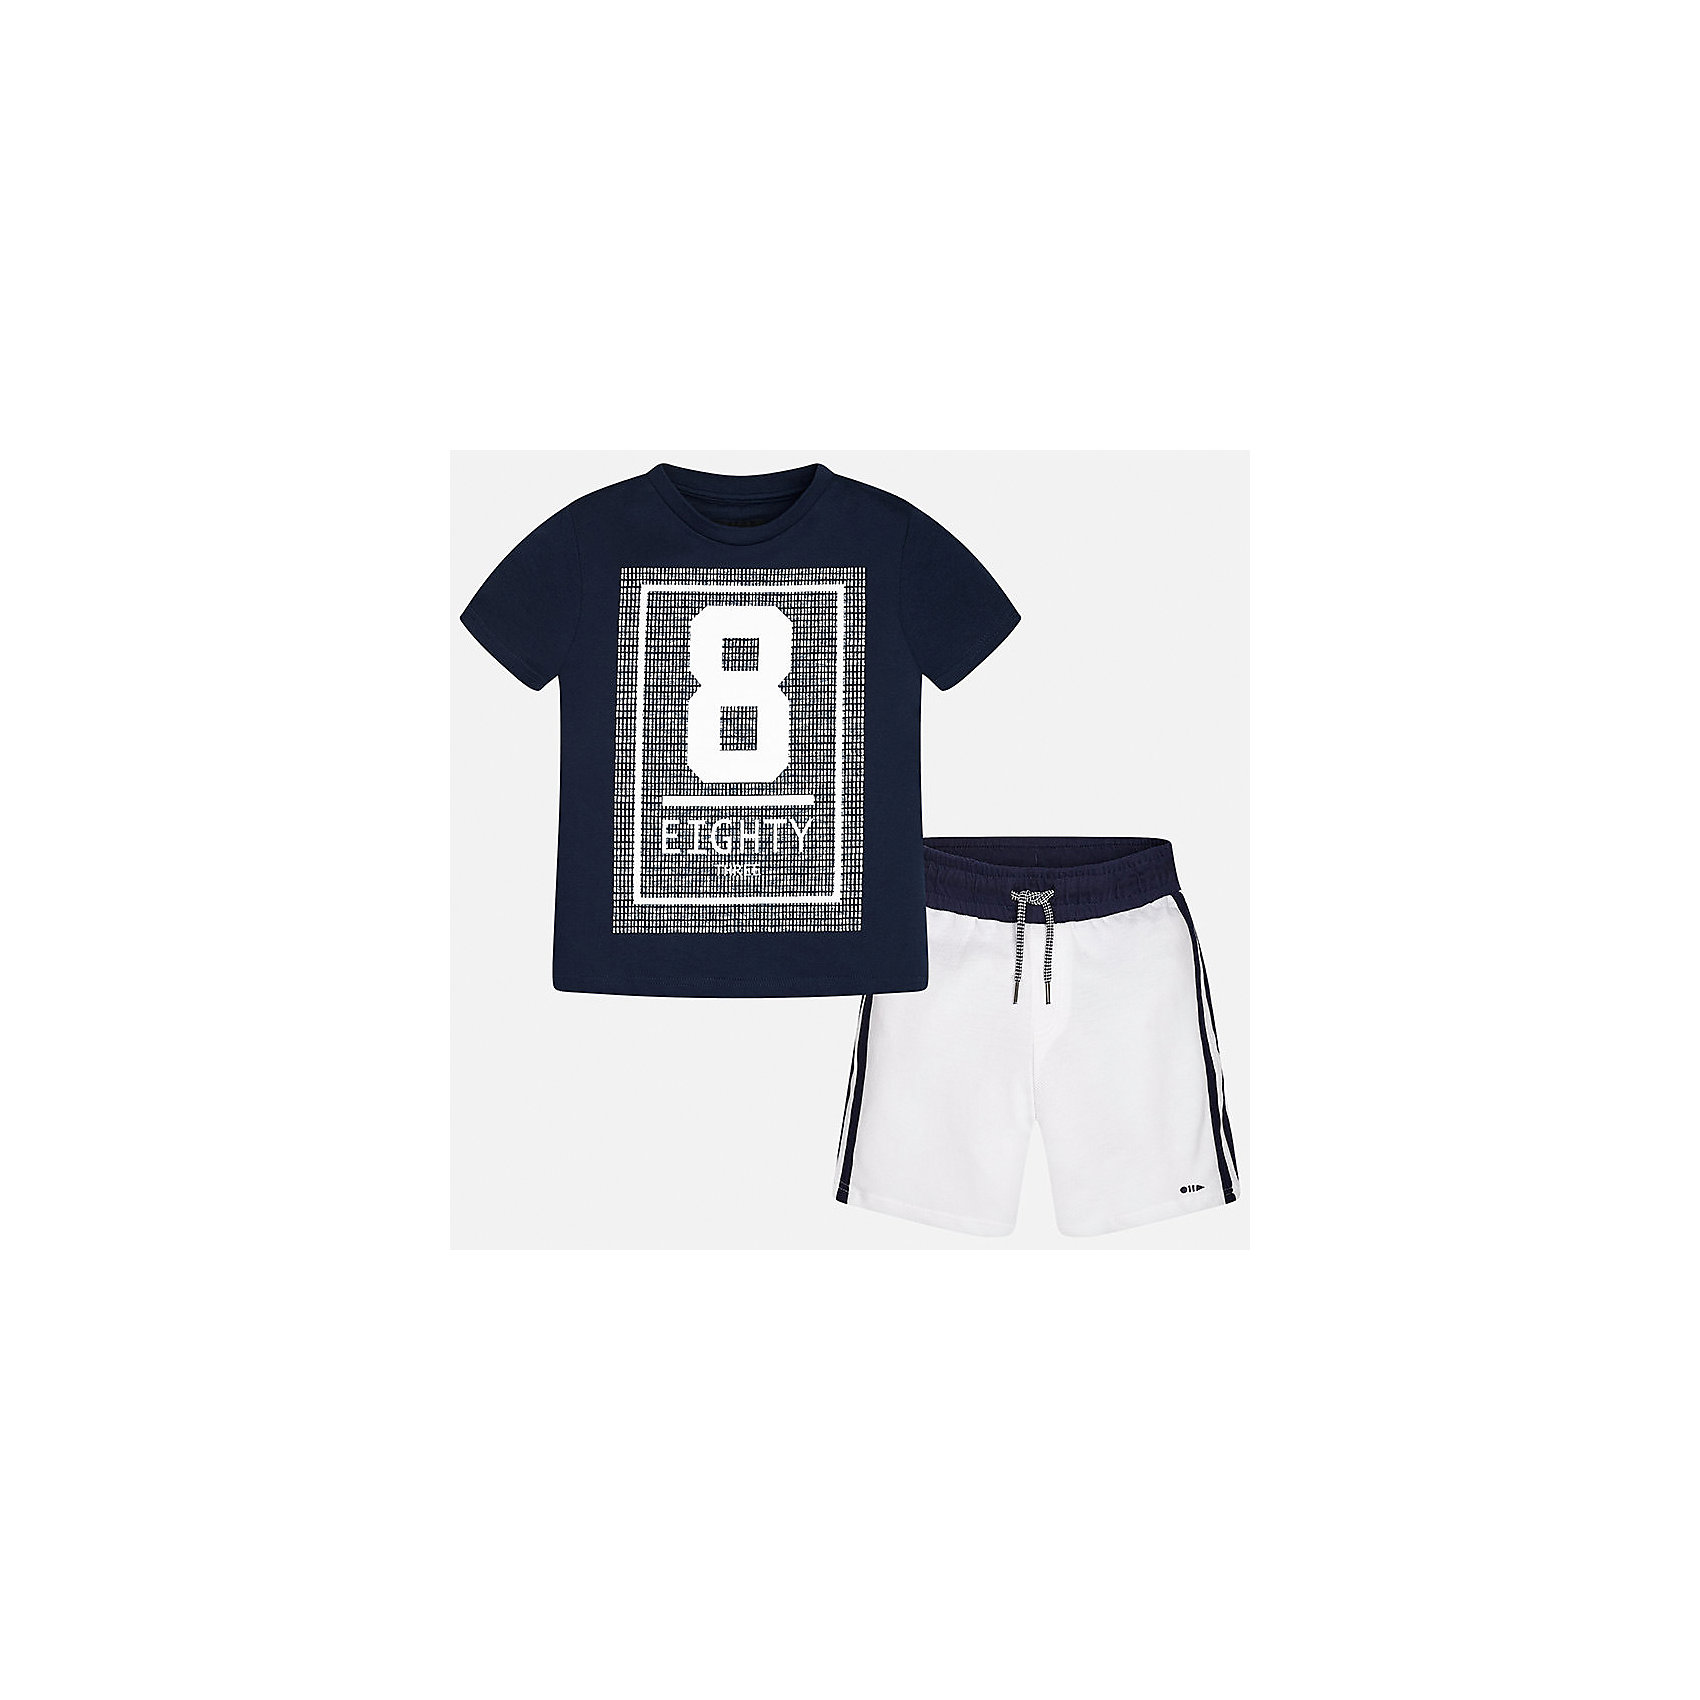 Комплект: футболка и шорты для мальчика MayoralСпортивная форма<br>Характеристики товара:<br><br>• цвет: синий/белый<br>• состав: 100% хлопок<br>• комплектация: шорты, футболка<br>• круглый горловой вырез<br>• декорирована принтом<br>• короткие рукава<br>• шорты - пояс со шнурком<br>• страна бренда: Испания<br><br>Стильная удобная футболка с принтом и шорты помогут разнообразить гардероб мальчика и удобно одеться. Универсальный цвет позволяет подобрать к вещам верхнюю одежду практически любой расцветки. Интересная отделка модели делает её нарядной и оригинальной. В составе материала - только натуральный хлопок, гипоаллергенный, приятный на ощупь, дышащий.<br><br>Одежда, обувь и аксессуары от испанского бренда Mayoral полюбились детям и взрослым по всему миру. Модели этой марки - стильные и удобные. Для их производства используются только безопасные, качественные материалы и фурнитура. Порадуйте ребенка модными и красивыми вещами от Mayoral! <br><br>Комплект для мальчика от испанского бренда Mayoral (Майорал) можно купить в нашем интернет-магазине.<br><br>Ширина мм: 215<br>Глубина мм: 88<br>Высота мм: 191<br>Вес г: 336<br>Цвет: синий<br>Возраст от месяцев: 120<br>Возраст до месяцев: 132<br>Пол: Мужской<br>Возраст: Детский<br>Размер: 140,158,164,170,128/134,152<br>SKU: 5294174